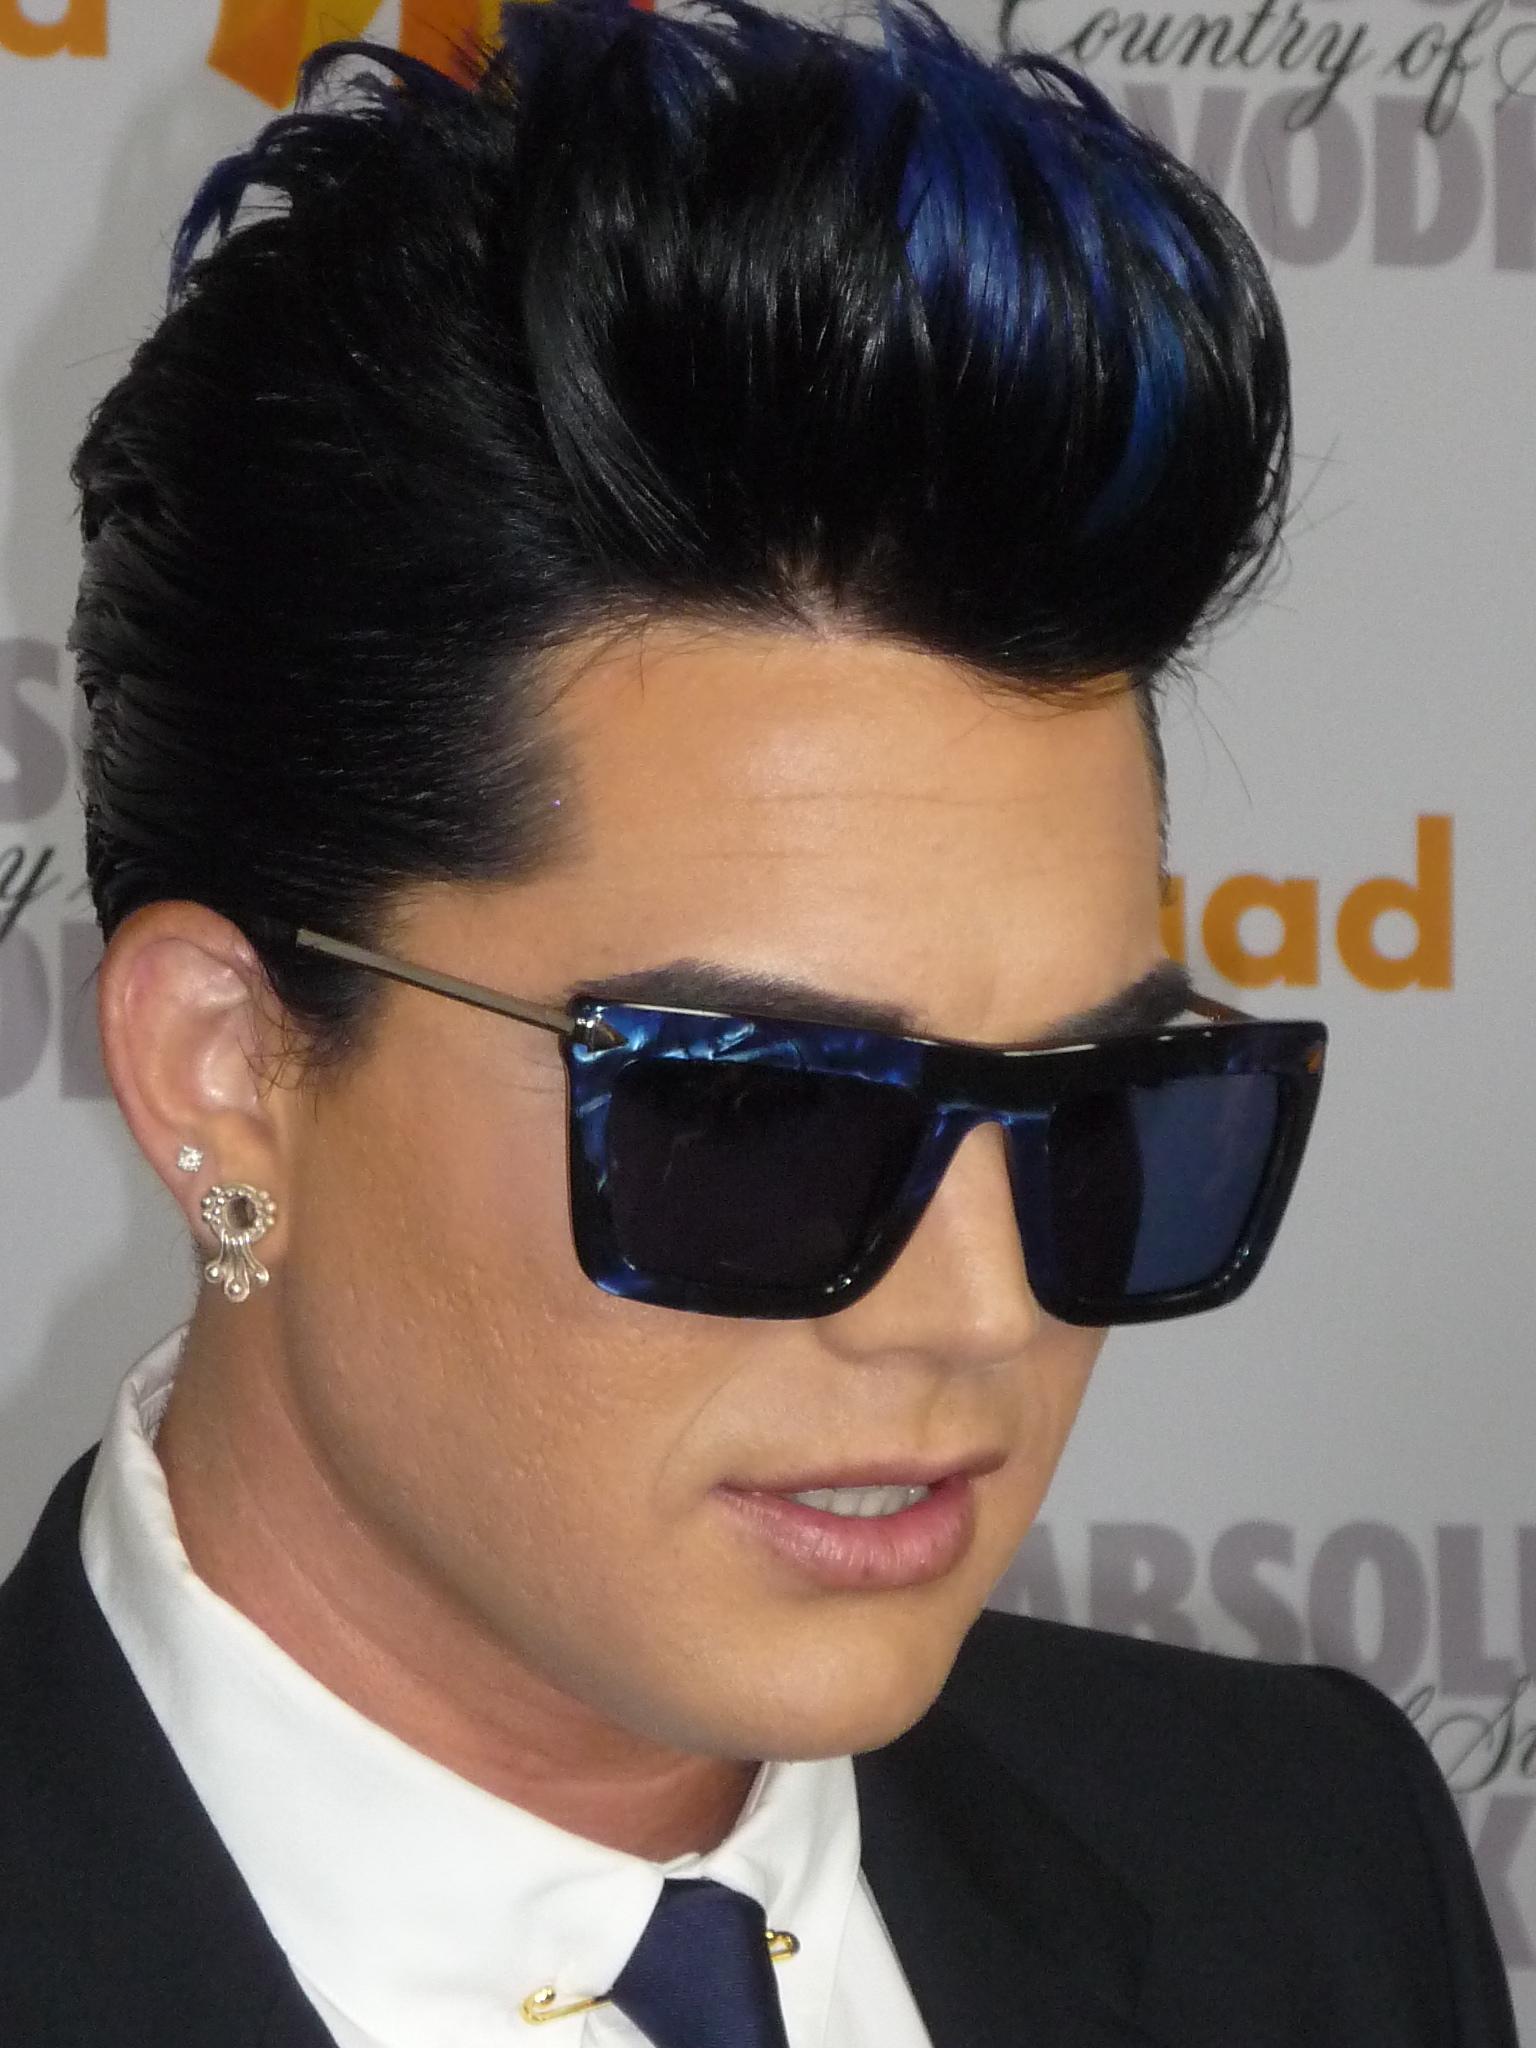 Adam Lambert 2010 GLAAD Media Awards 2